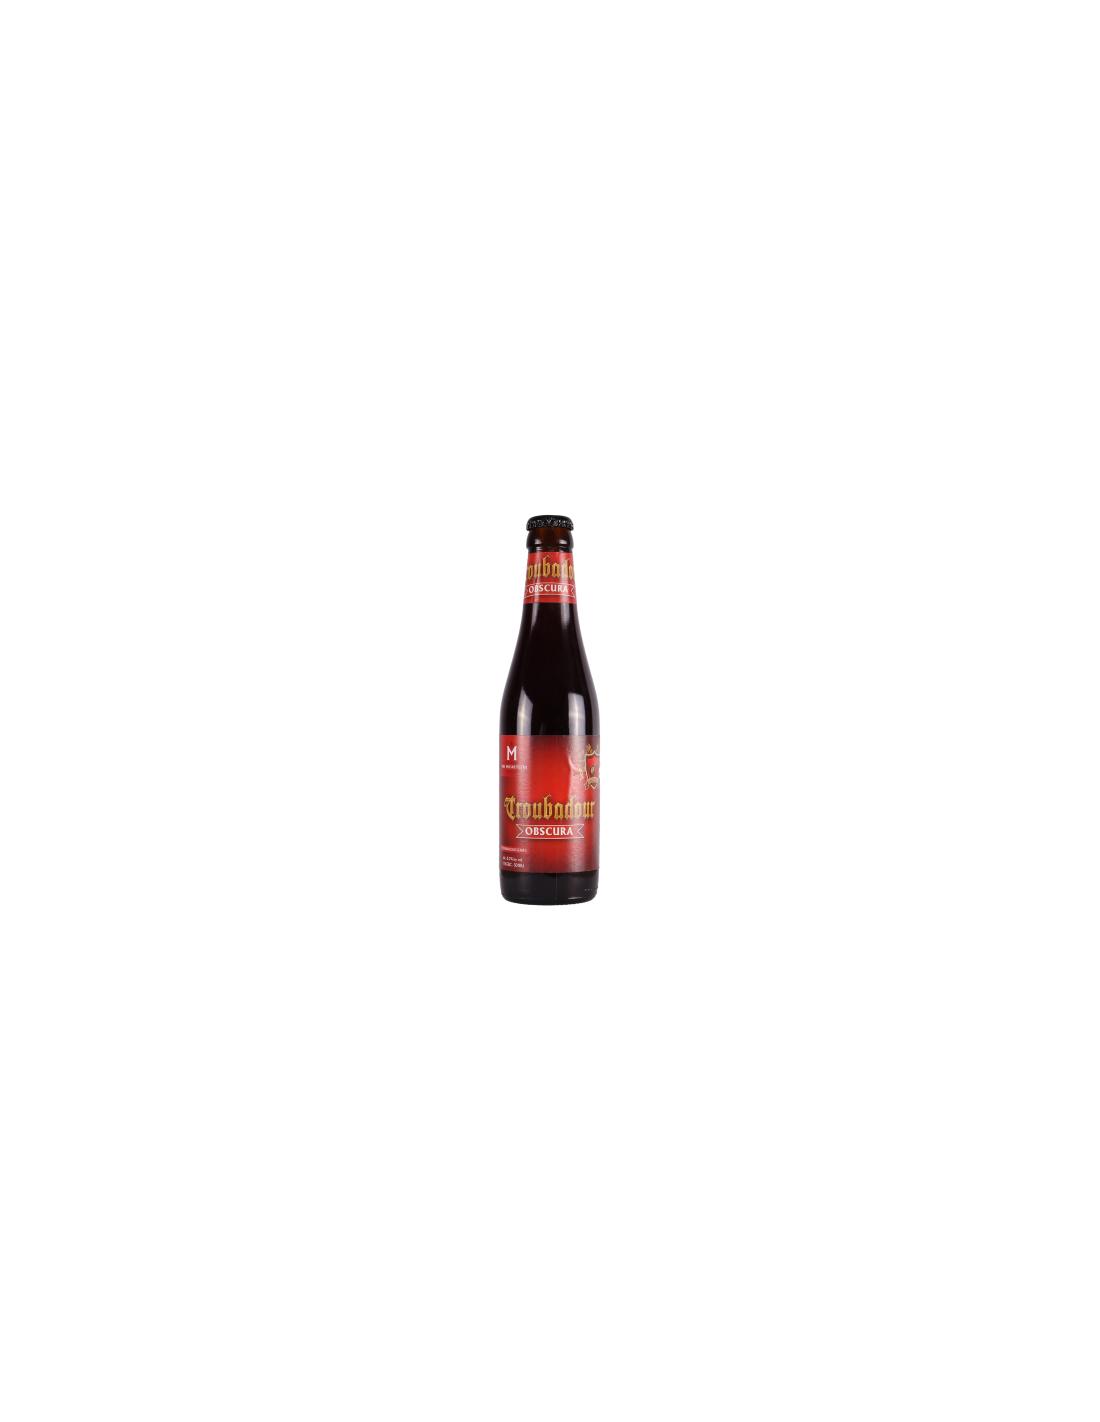 Bere bruna, Troubadour Obscura, 8.2% alc, 0.33L, Belgia